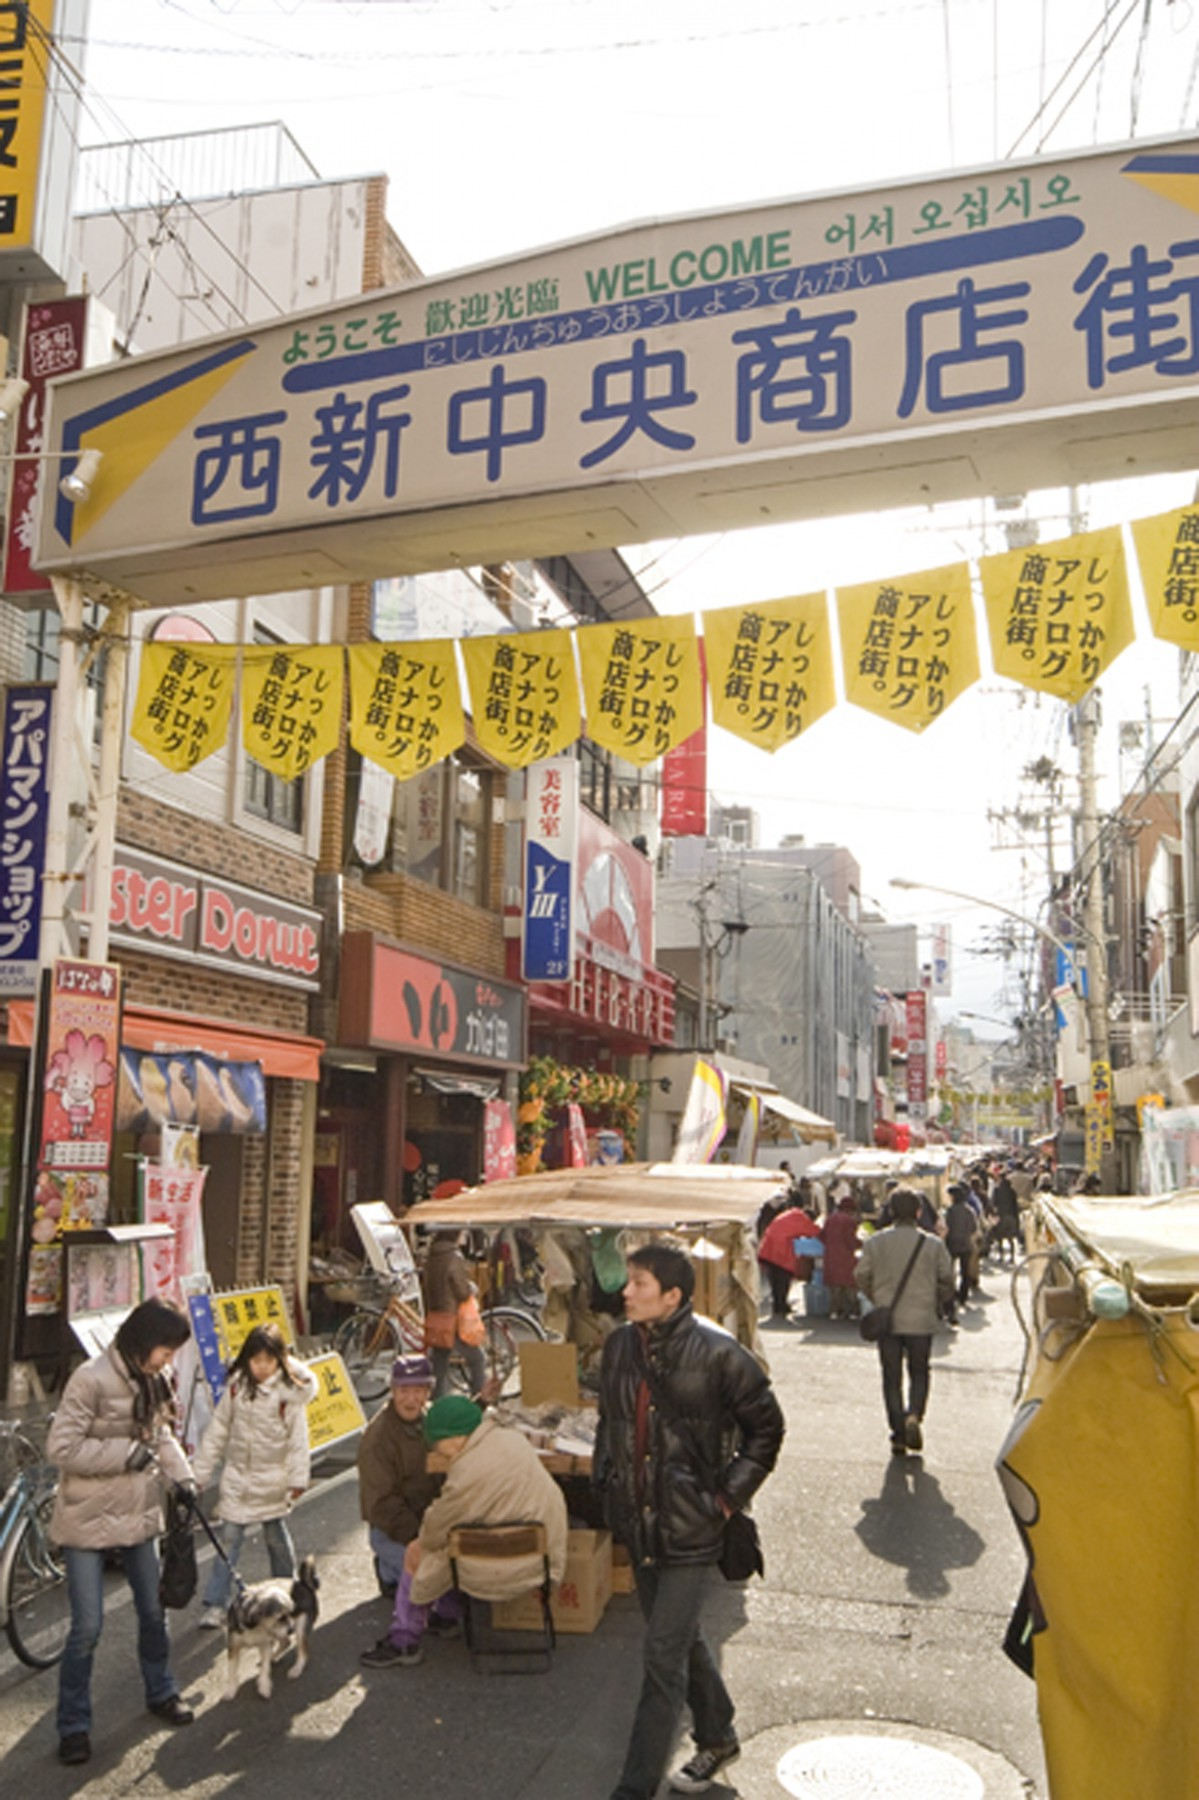 昔ながらの活気があふれる西新商店街(撮影年不明)の画像